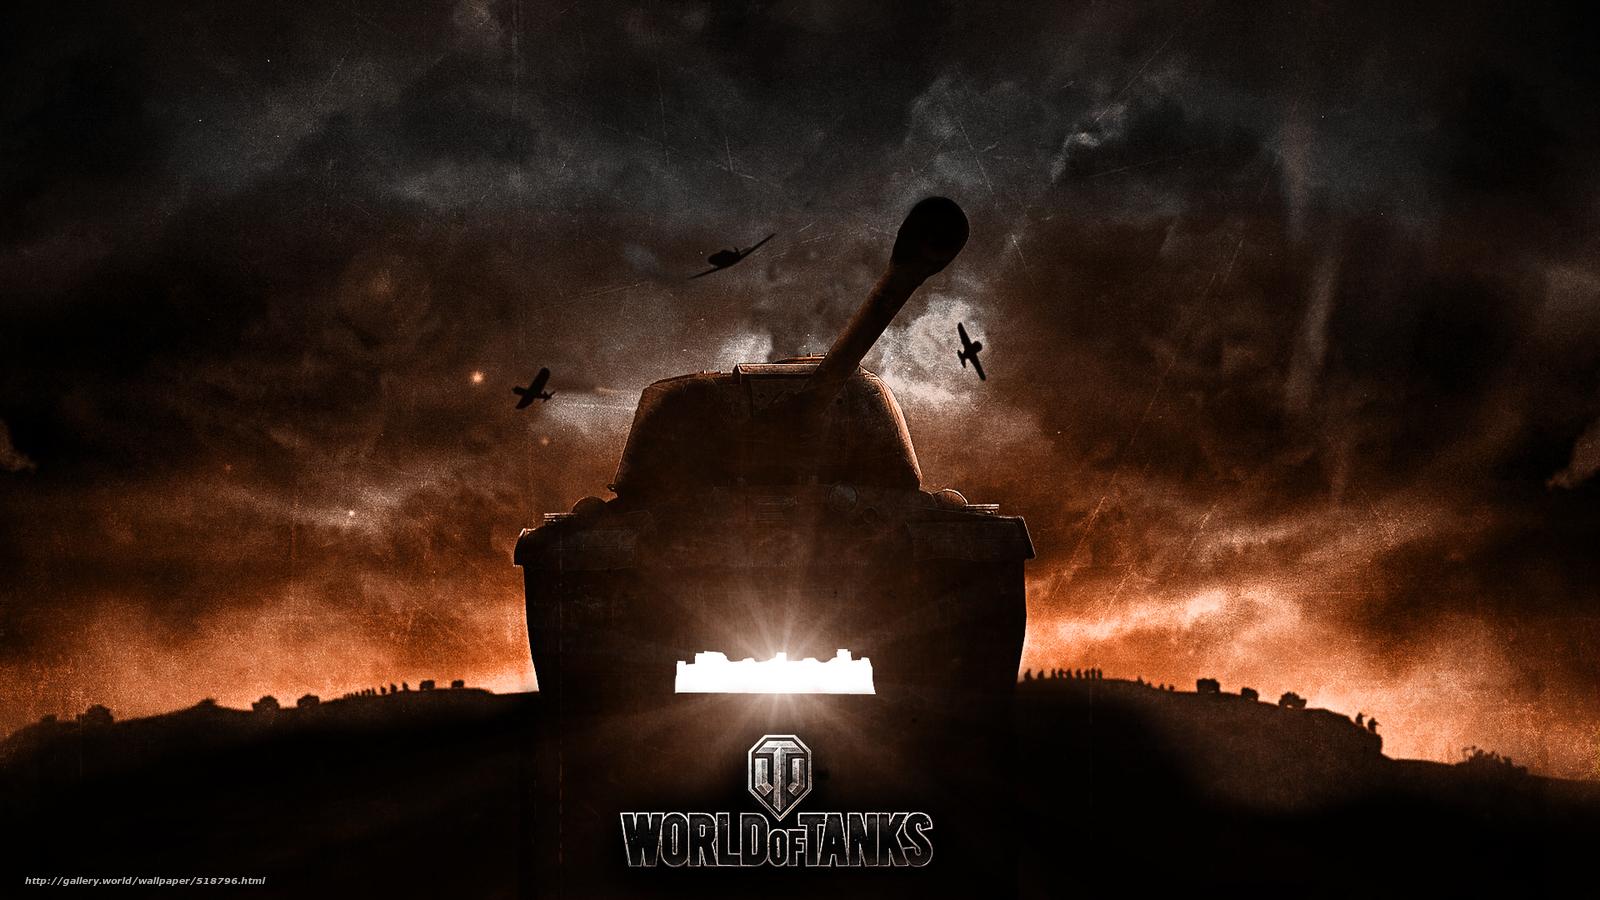 Скачать обои закат,  СССР,  ИС,  танки бесплатно для рабочего стола в разрешении 1920x1080 — картинка №518796